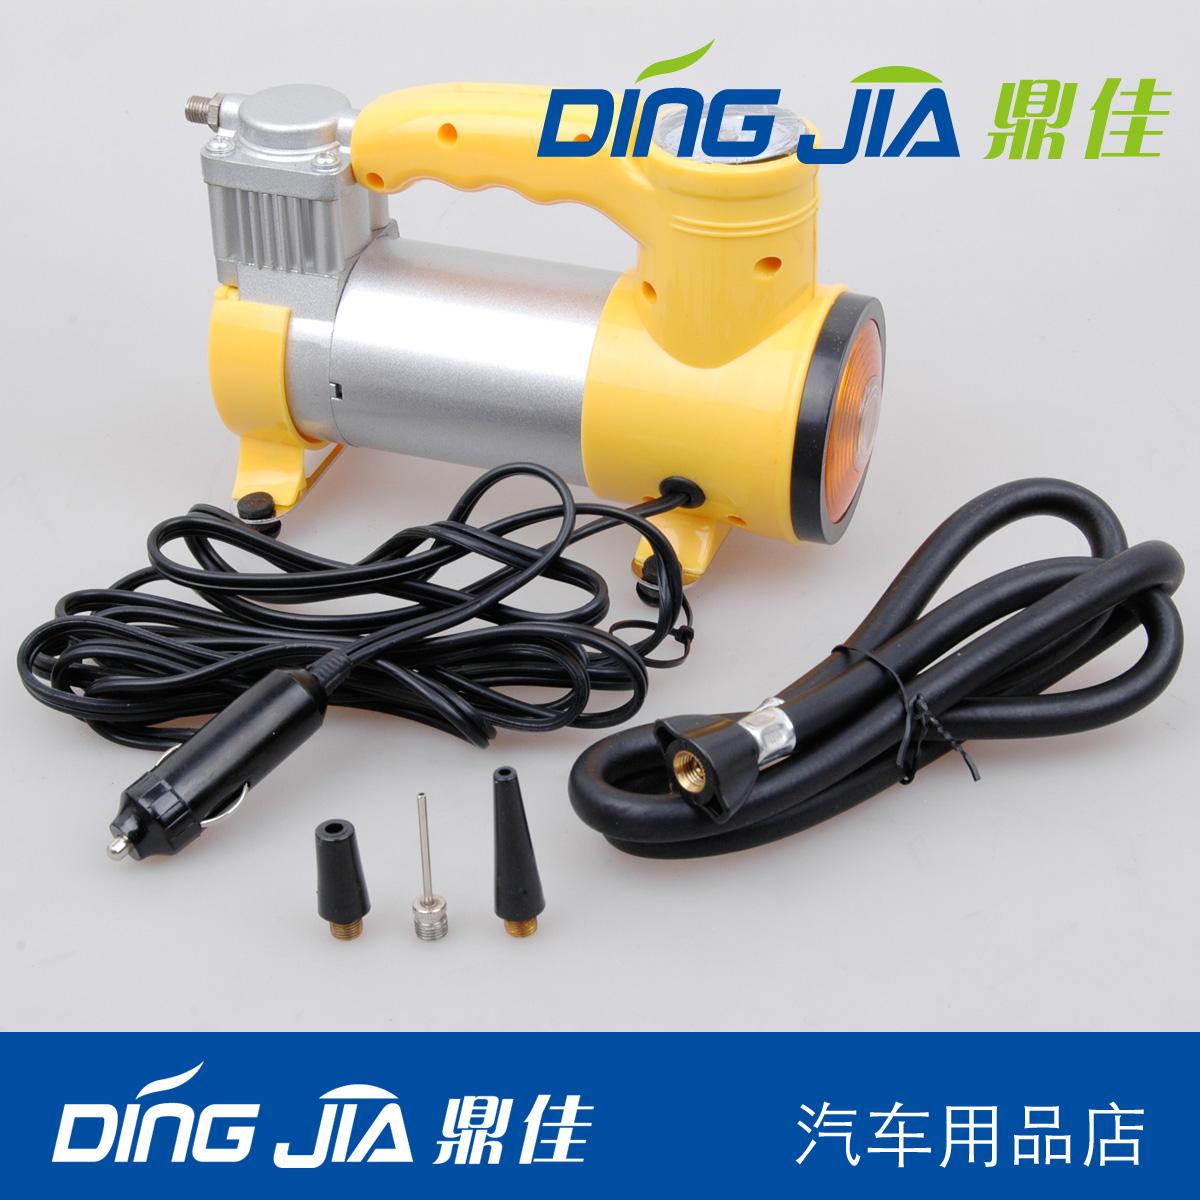 автокомпрессор Дин Цзя 12V водить автомобиль прикуривателя питания автомобилей одноцилиндровый воздушный насос ночь легкие электрические воздушные компрессоры